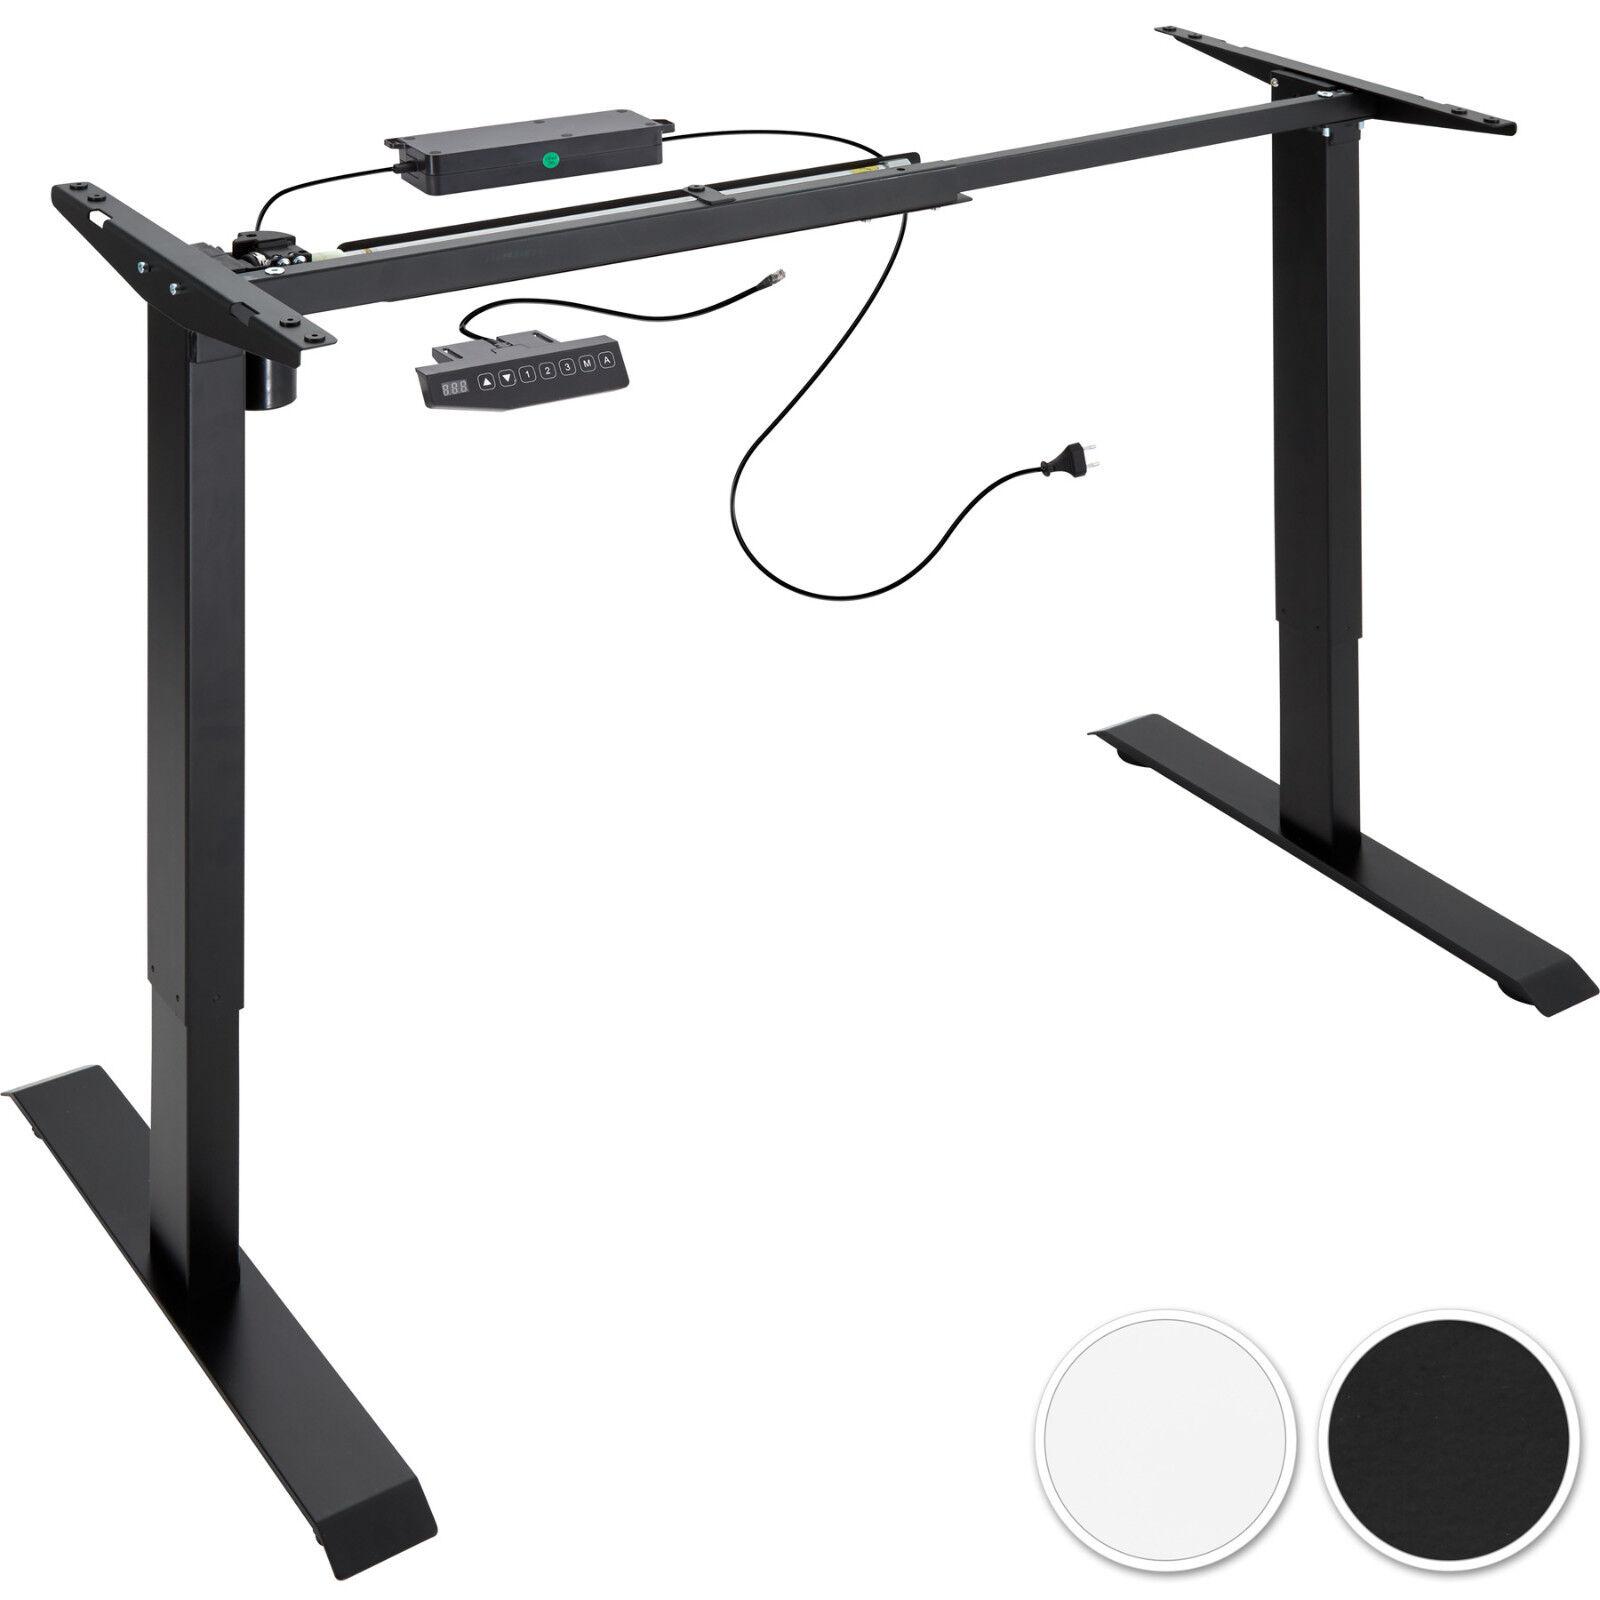 Tischgestell Bürotisch Schreibtisch Tisch Gestell elektrisch höhenverstellbar